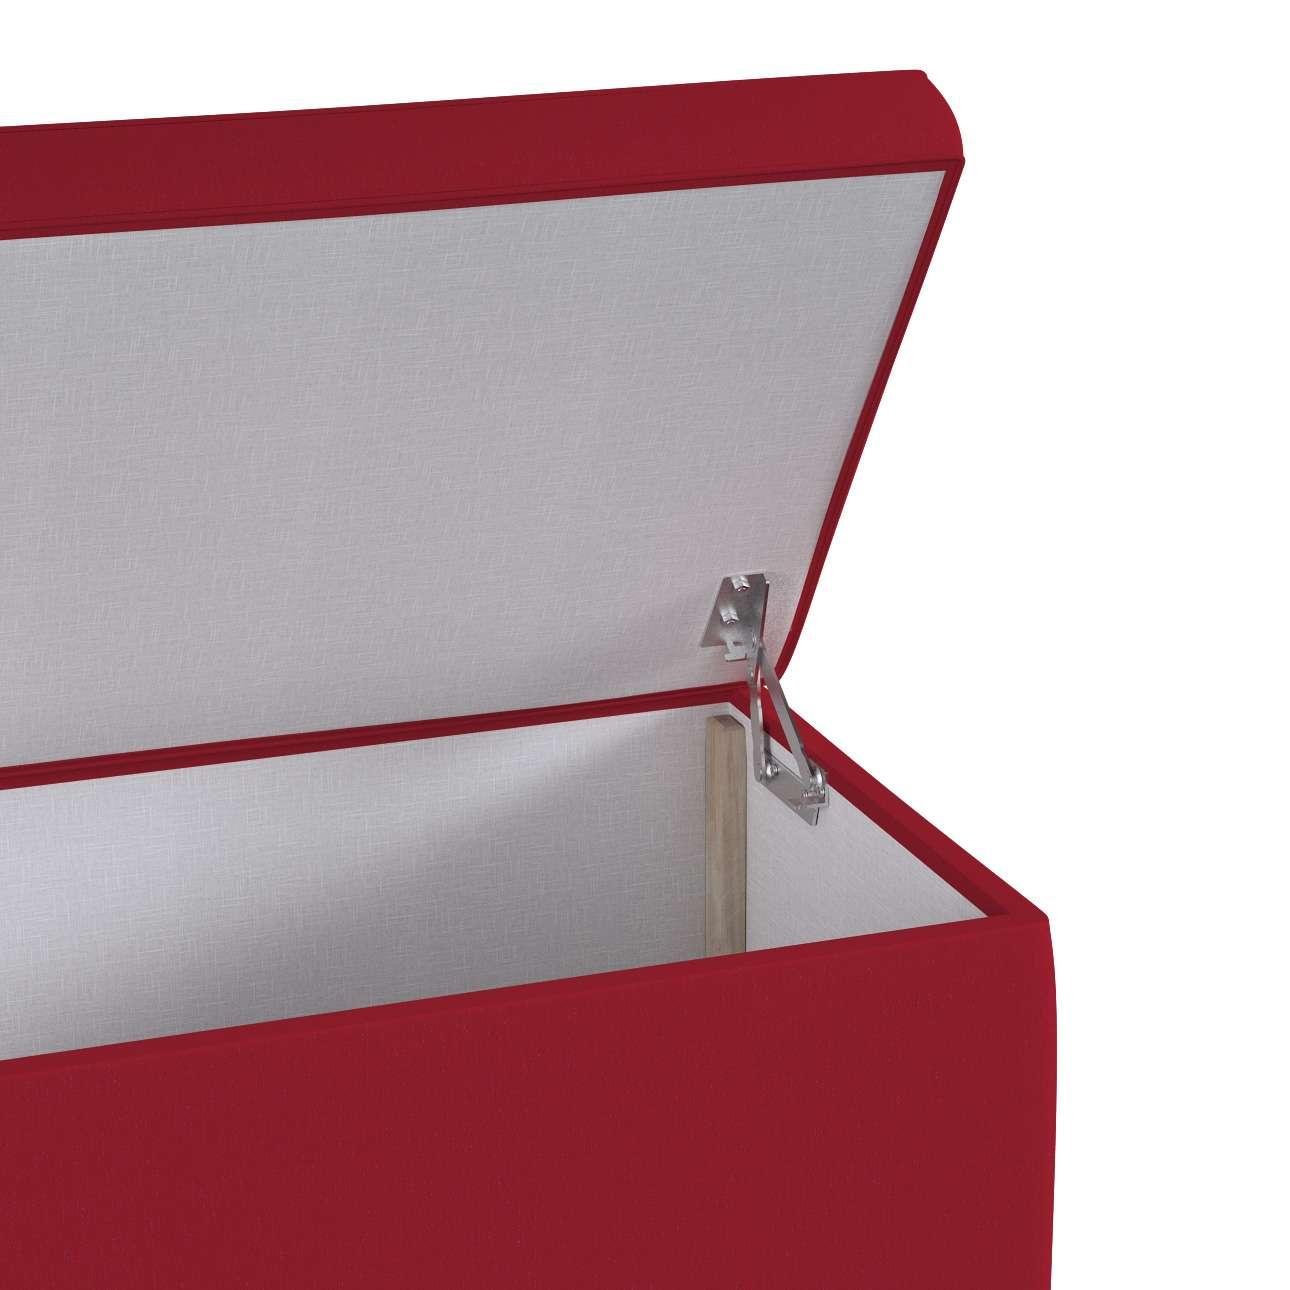 Dežė/skrynia/daiktadėžė kolekcijoje Chenille, audinys: 702-24